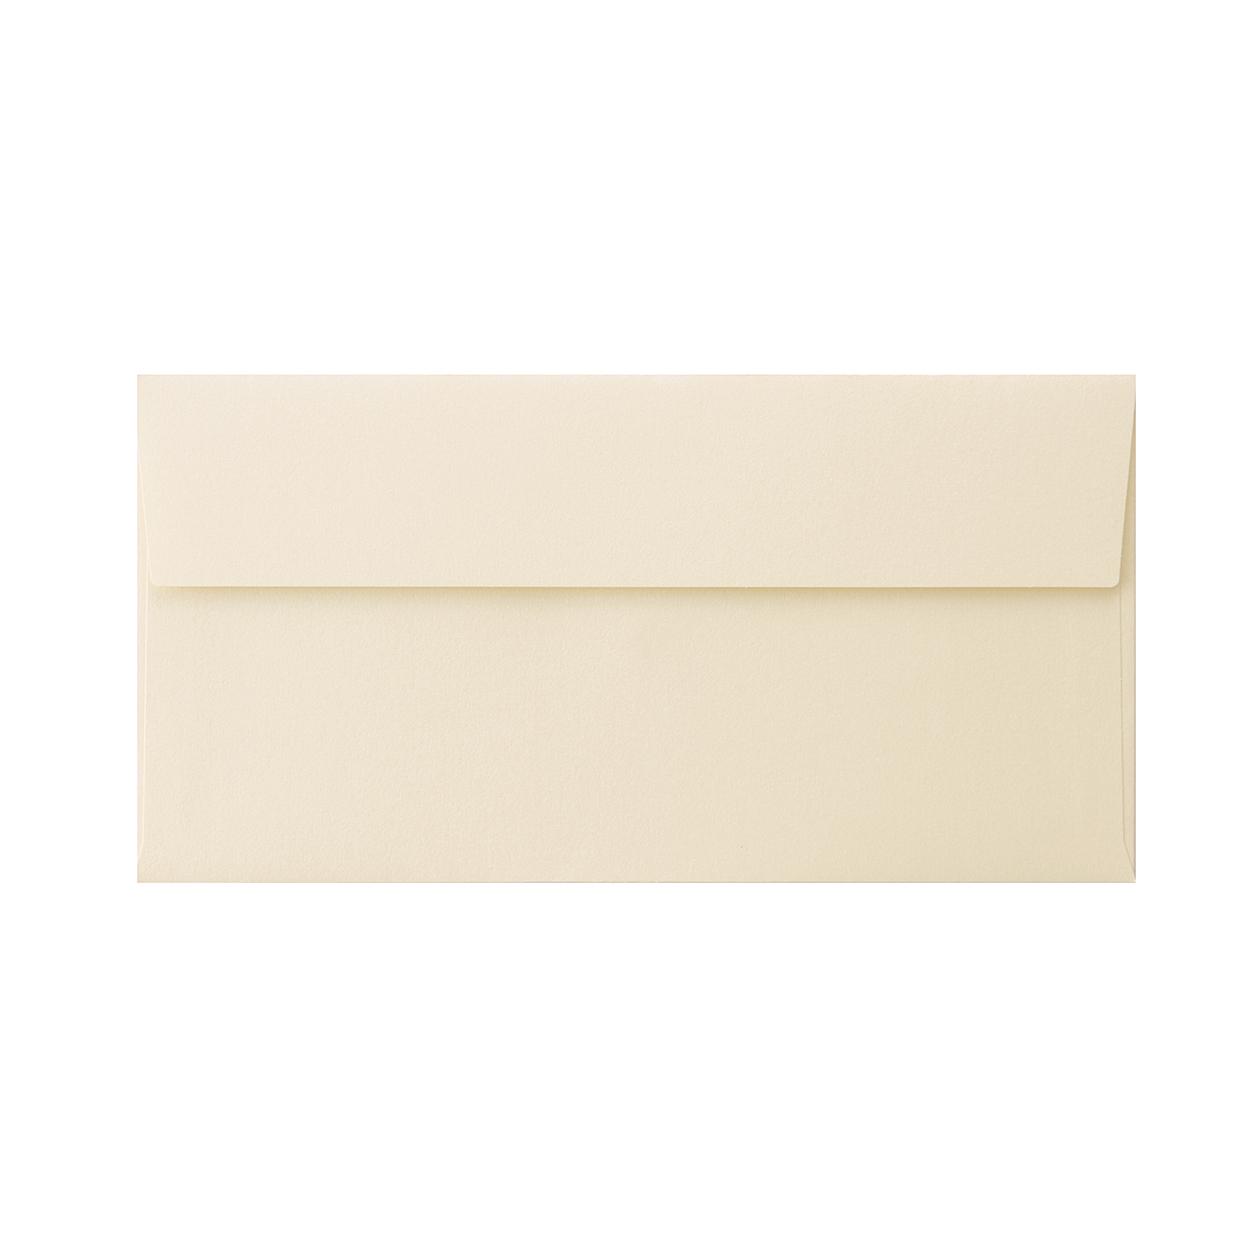 長3カマス封筒 コットンパール ナチュラル 125.3g